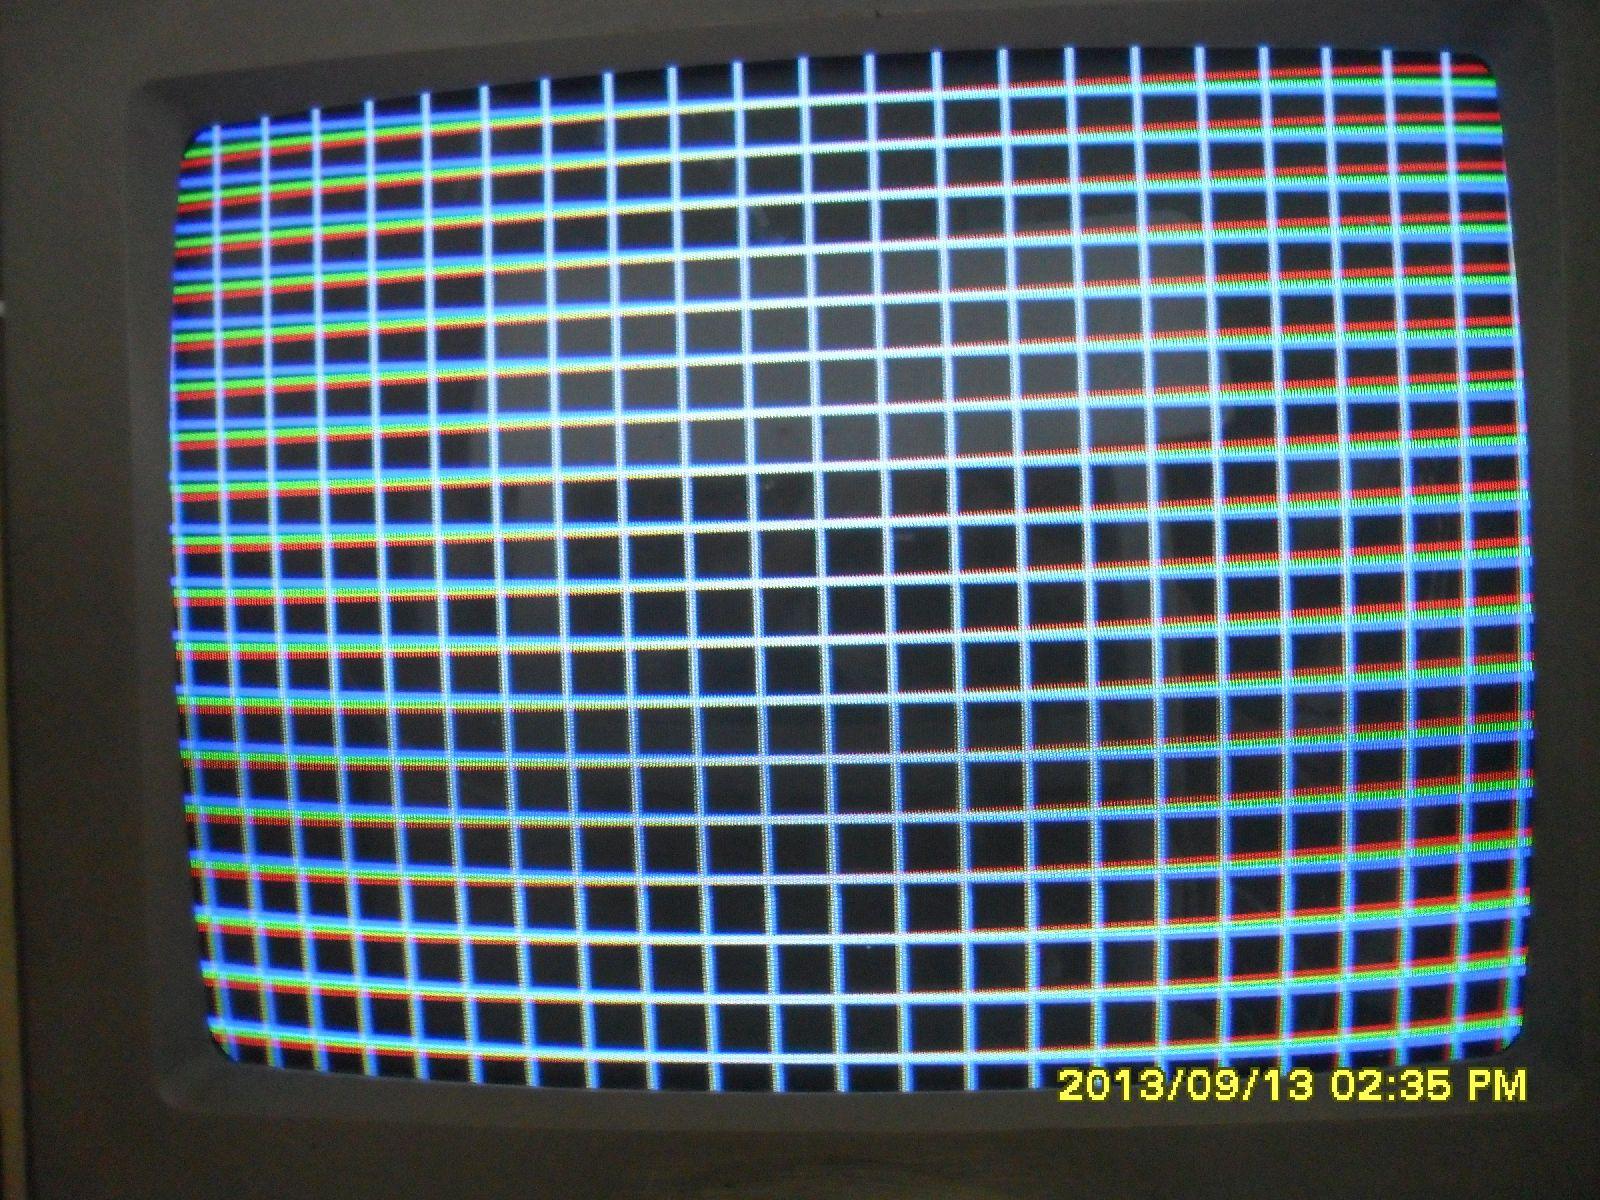 Commodore 1802 - Zw�ony obraz ku g�rze